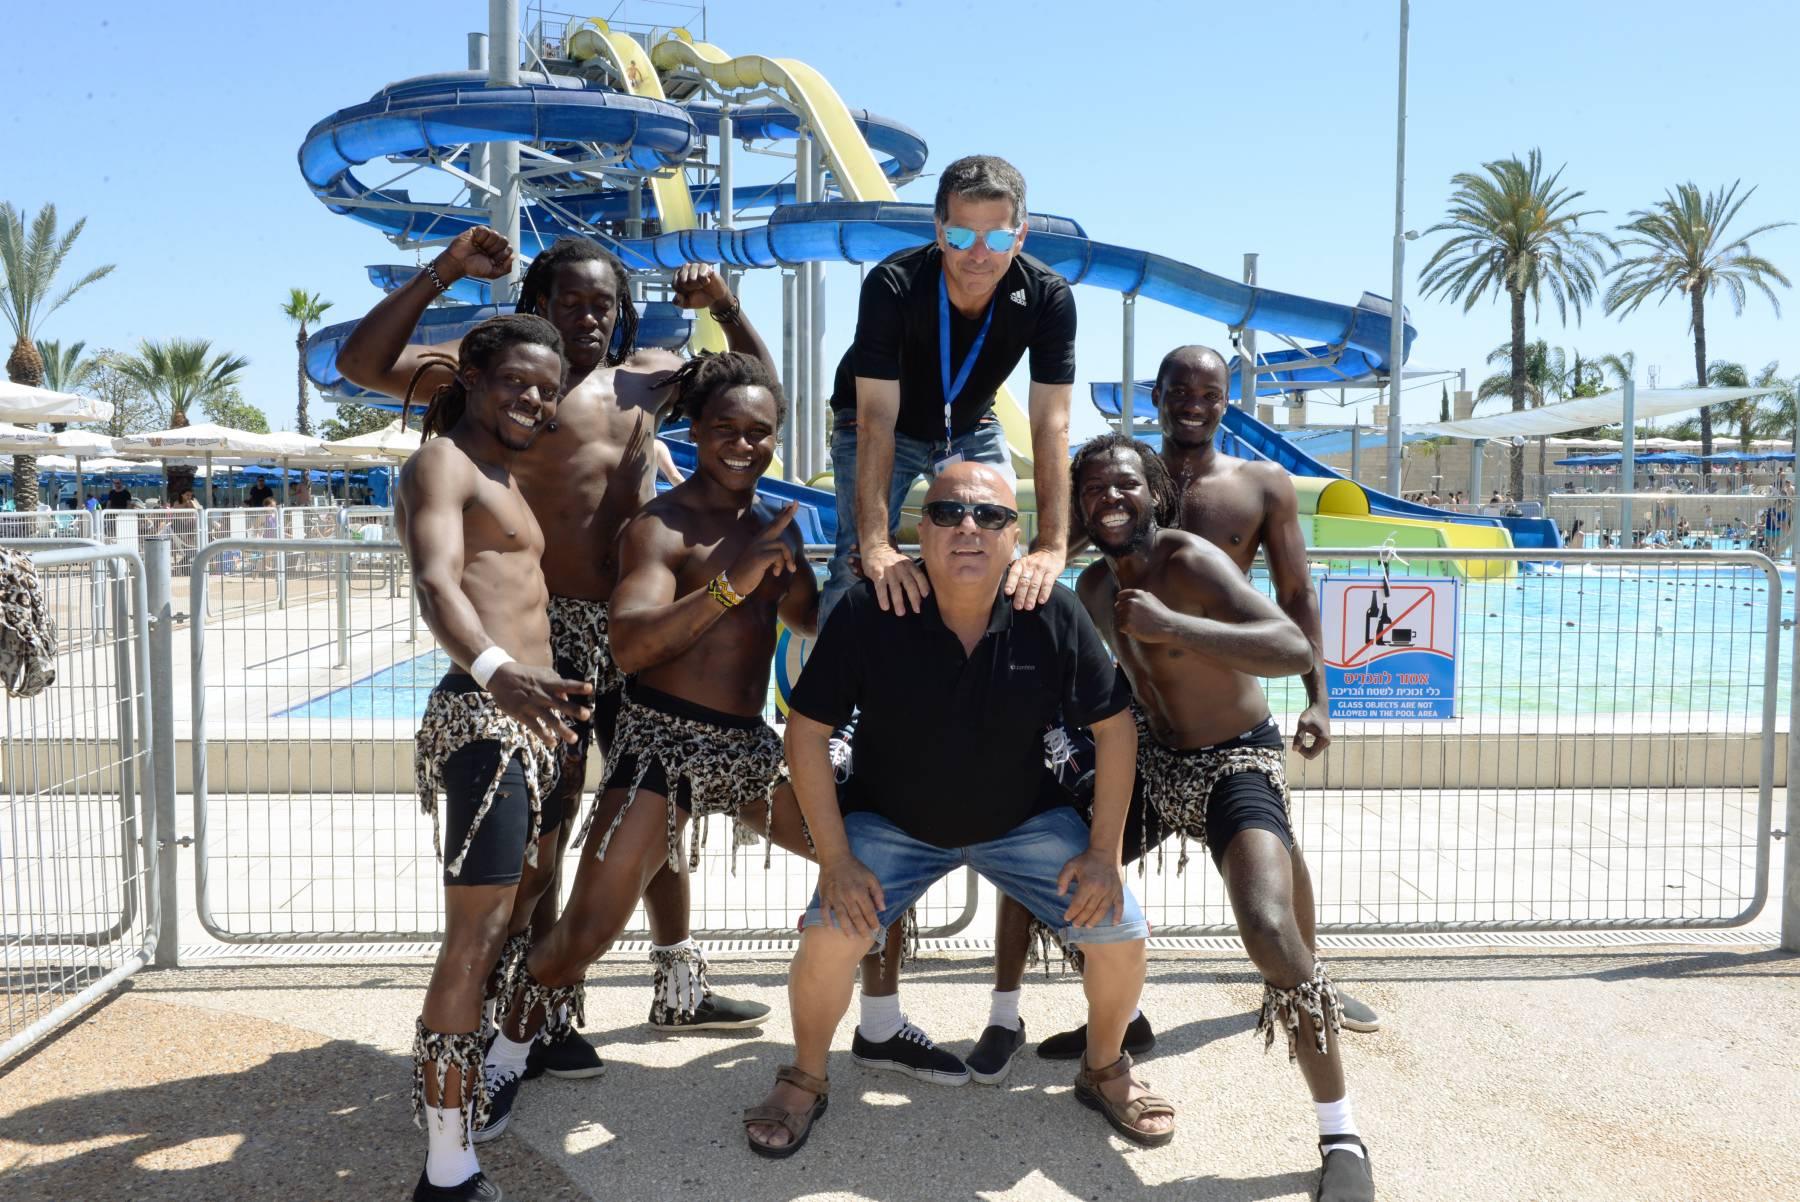 """שמשון חן מנכ""""ל החברה לבידור ולבילוי וגיל אבן מנהל ימית ימית ספארק עם כוכבי הקרקס האפריקאי. צילום טל קירשנבאום"""